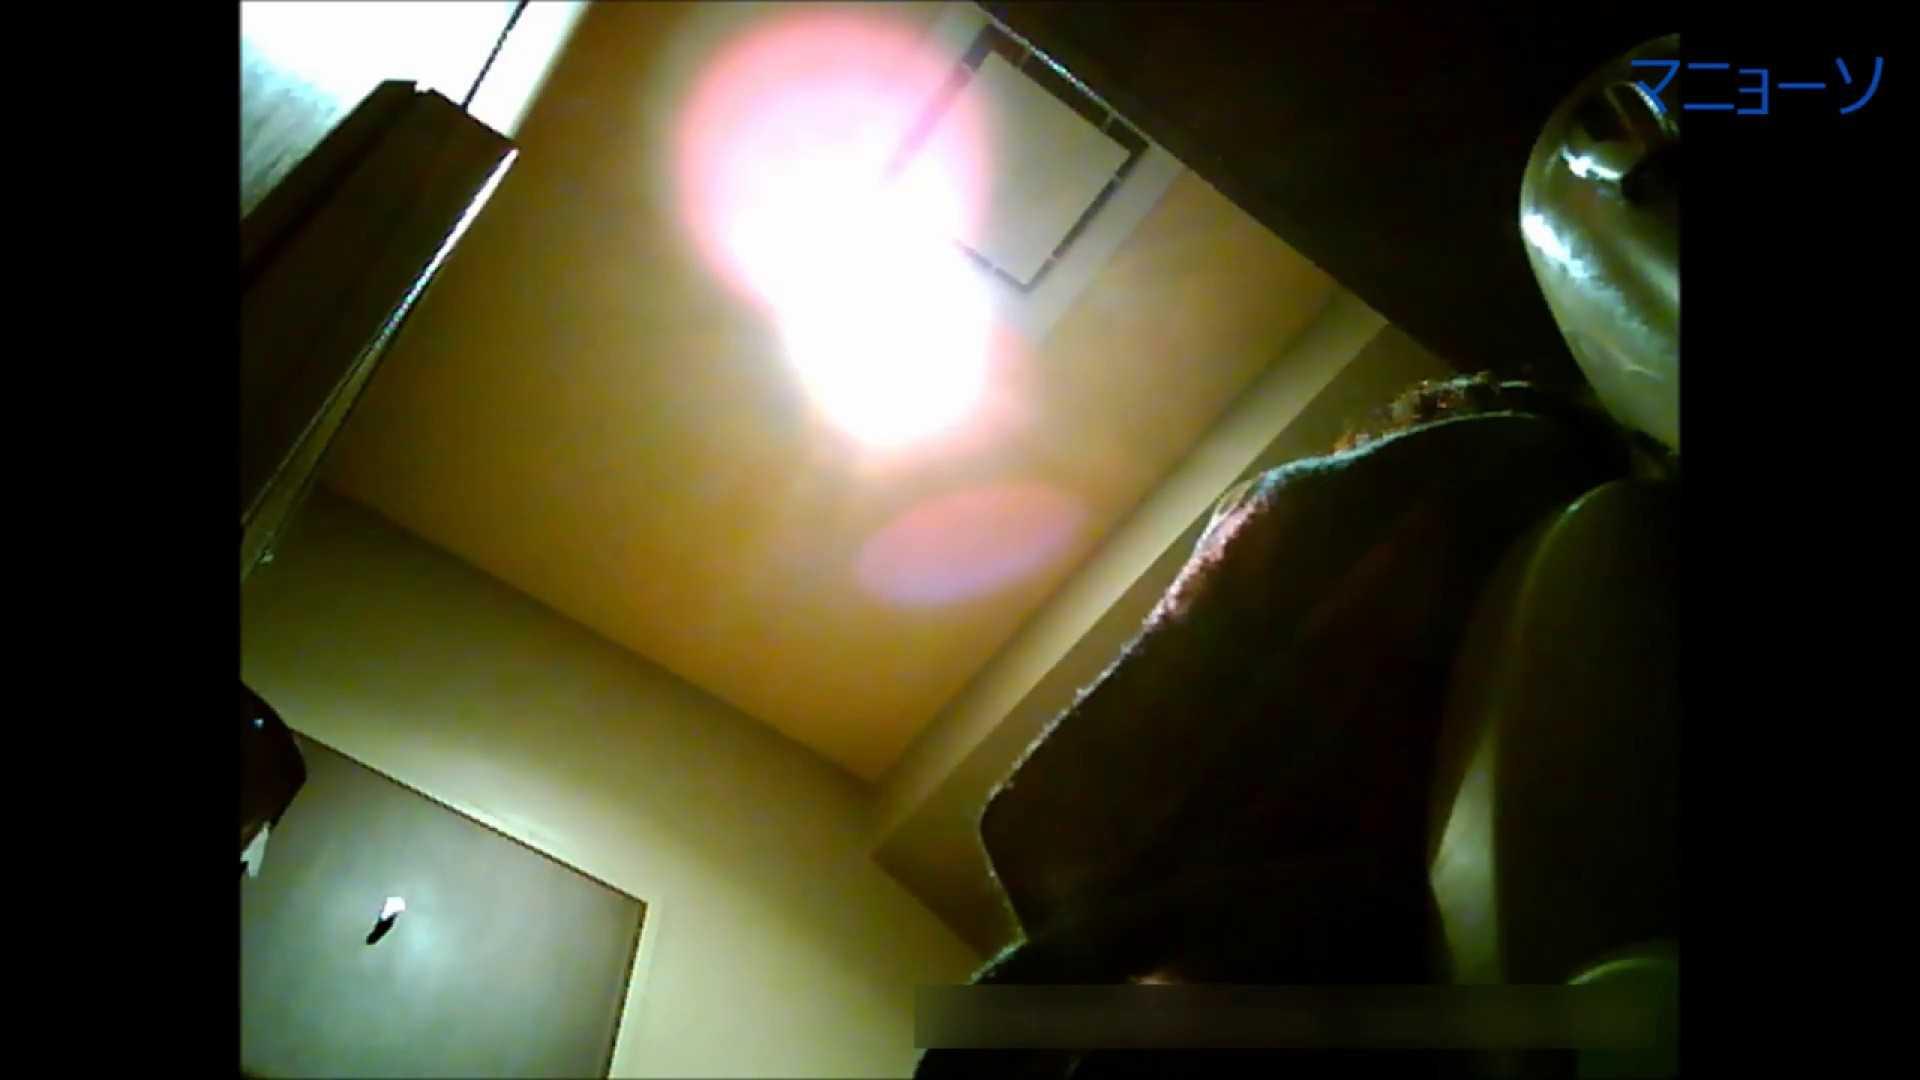 トイレでひと肌脱いでもらいました (JD編)Vol.02 トイレ  80pic 48